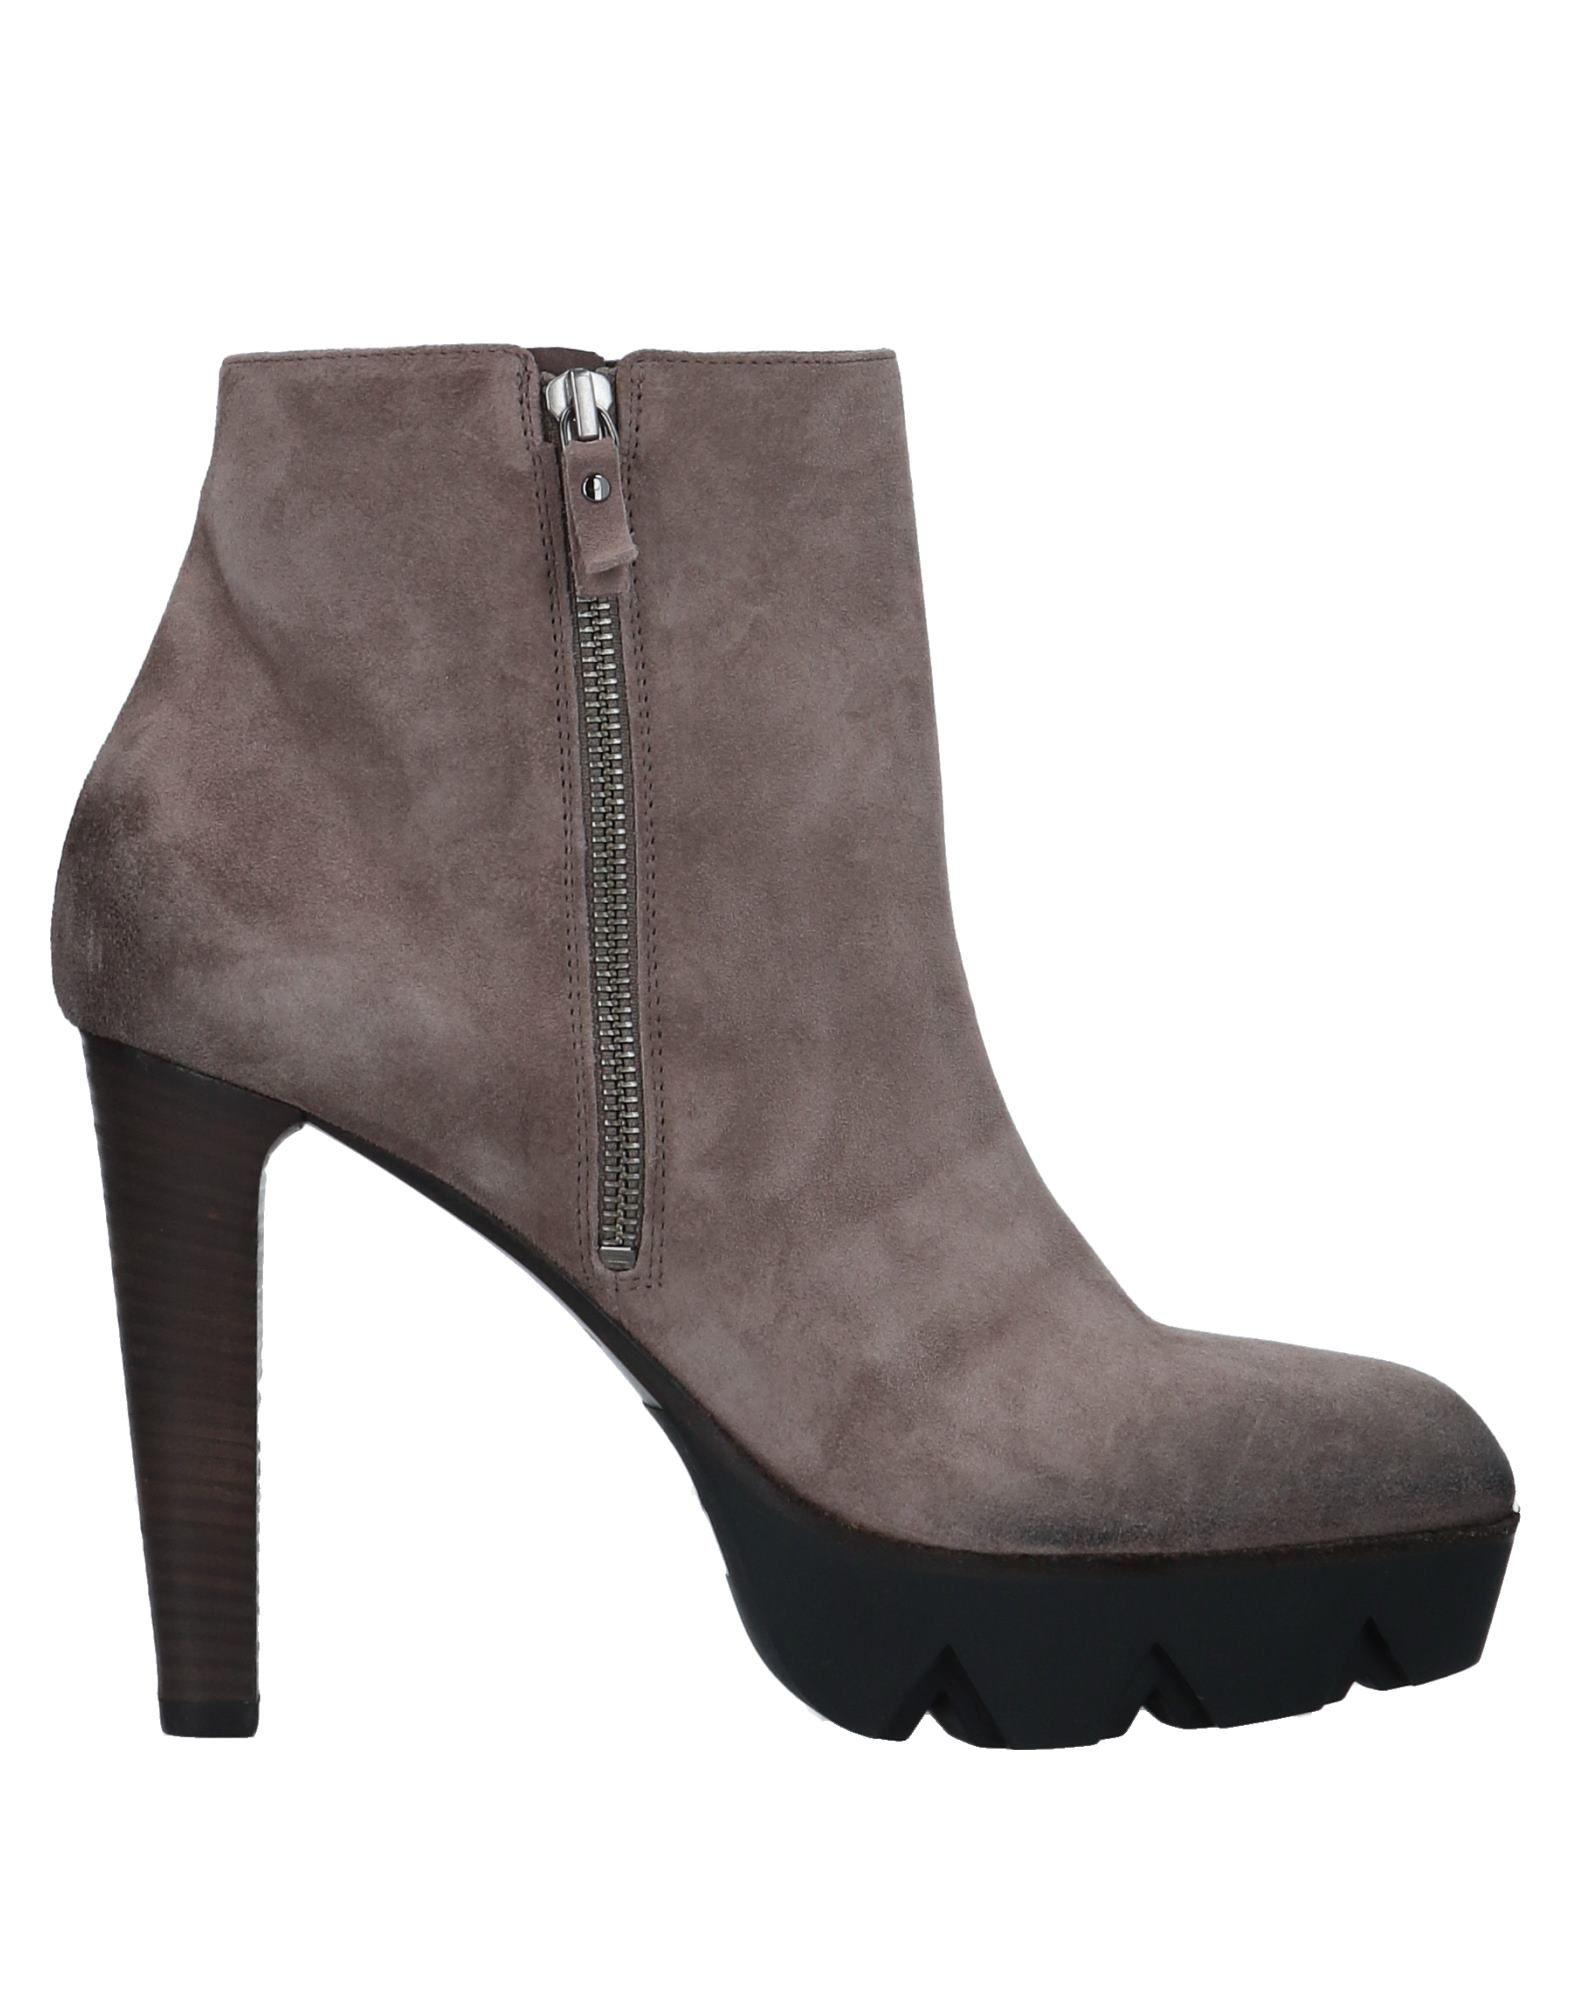 87 Vic Matiē Stiefelette Damen  11532861LWGut aussehende strapazierfähige Schuhe